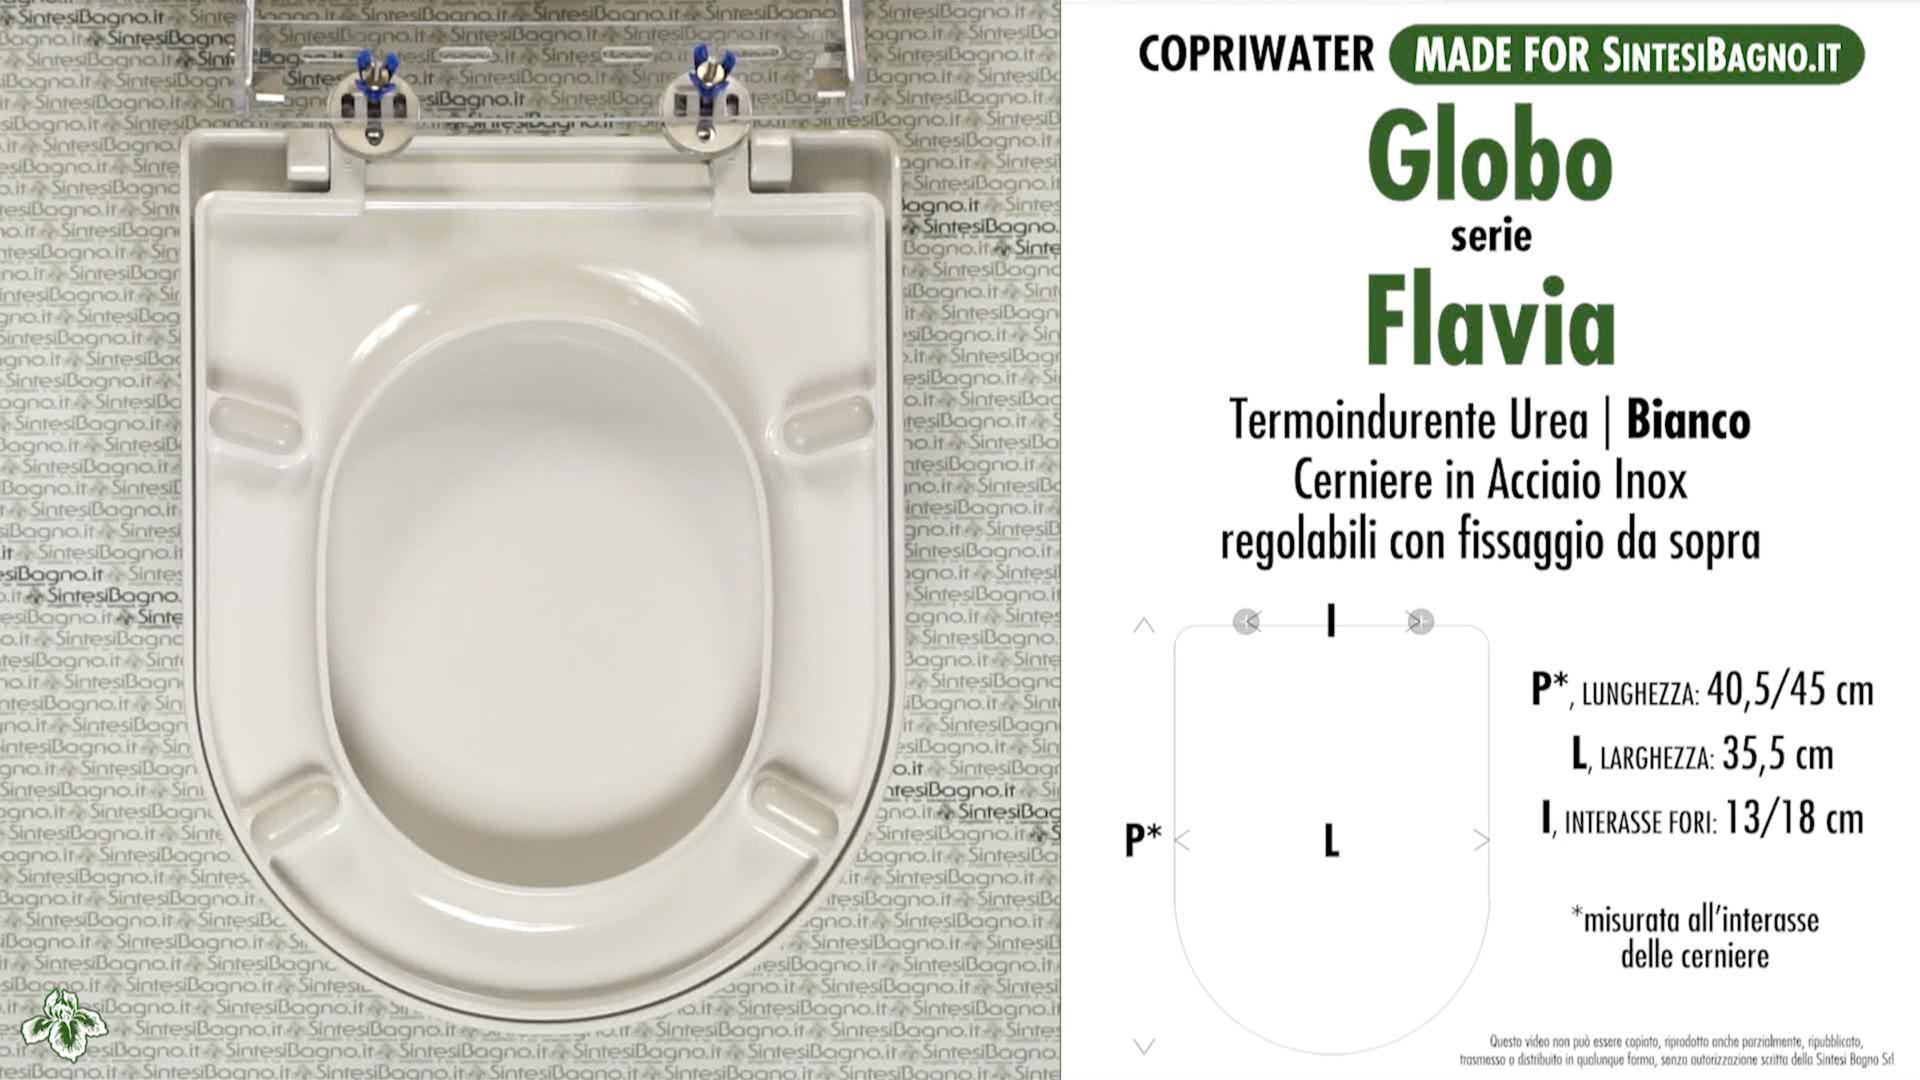 SCHEDA TECNICA MISURE copriwater GLOBO FLAVIA